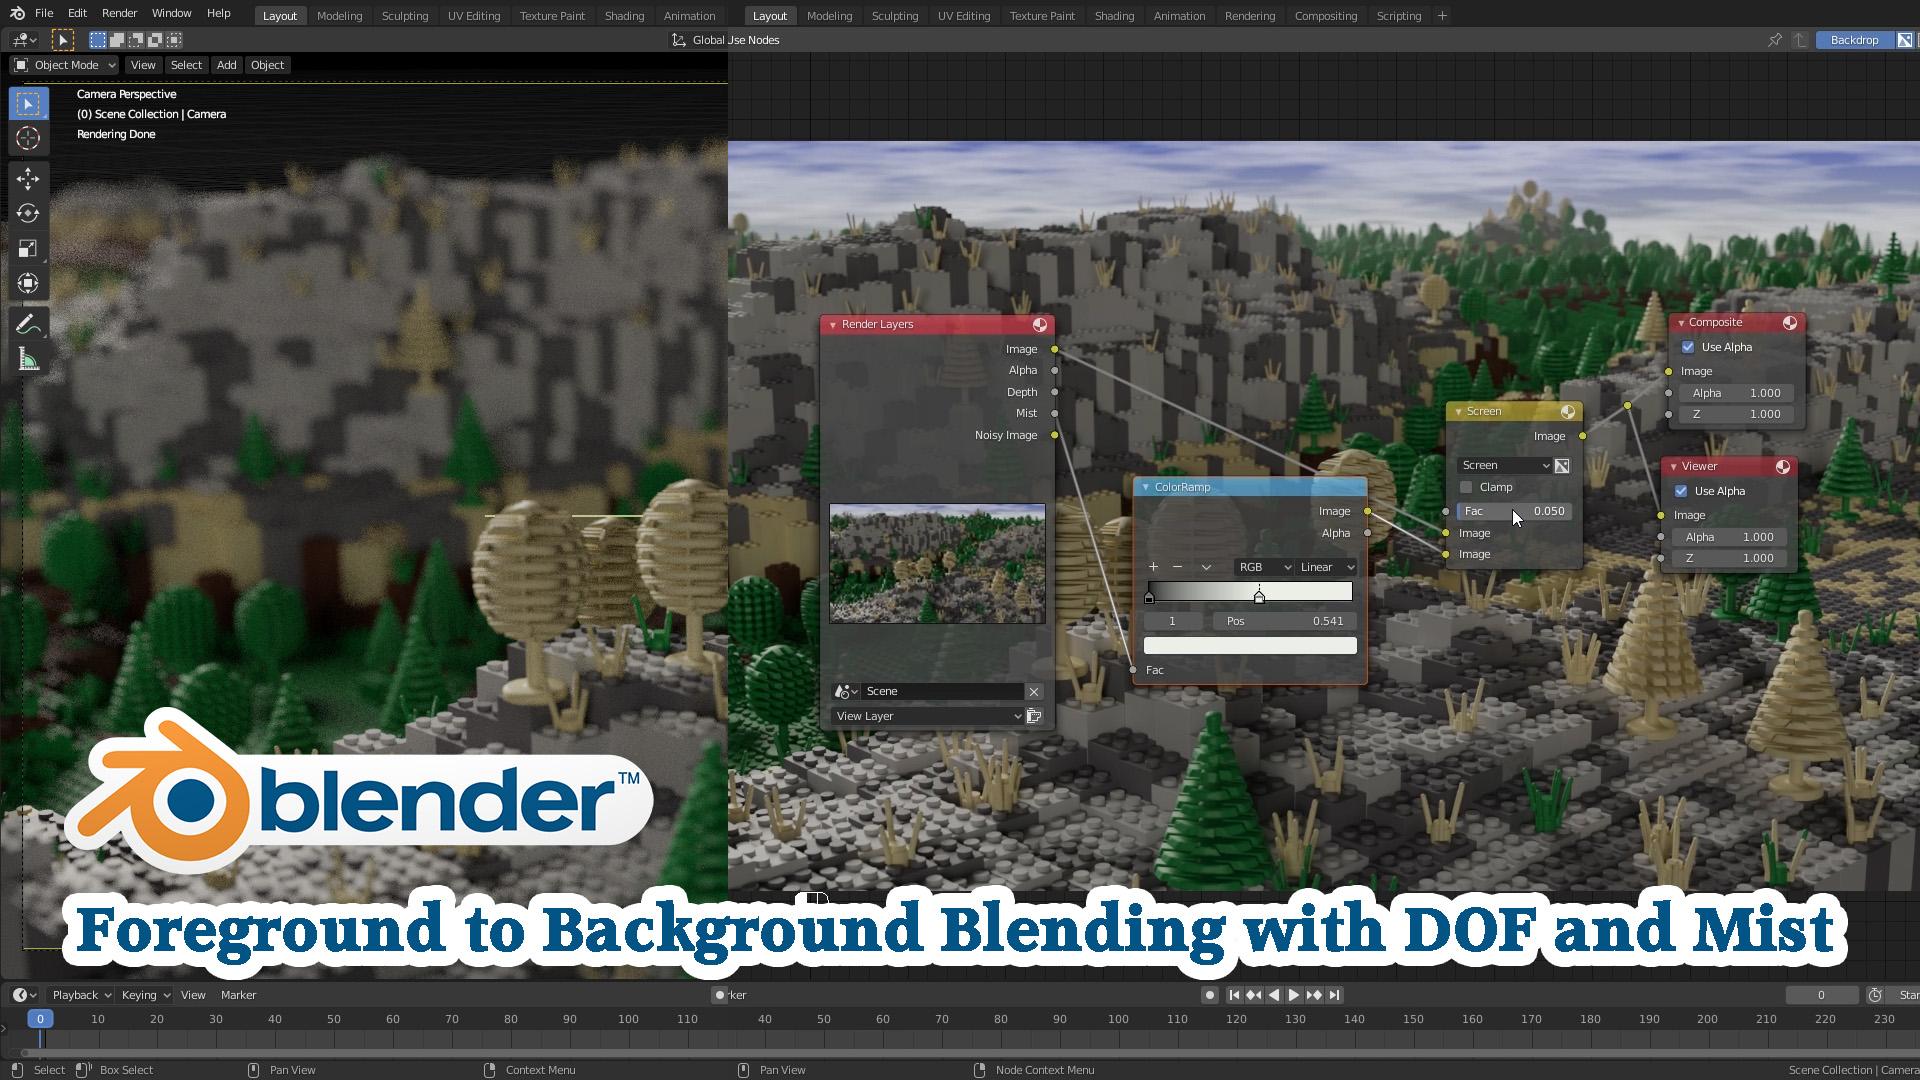 https://brickshelf.com/gallery/Peiler/Making-Of/11_dof_mist.jpg